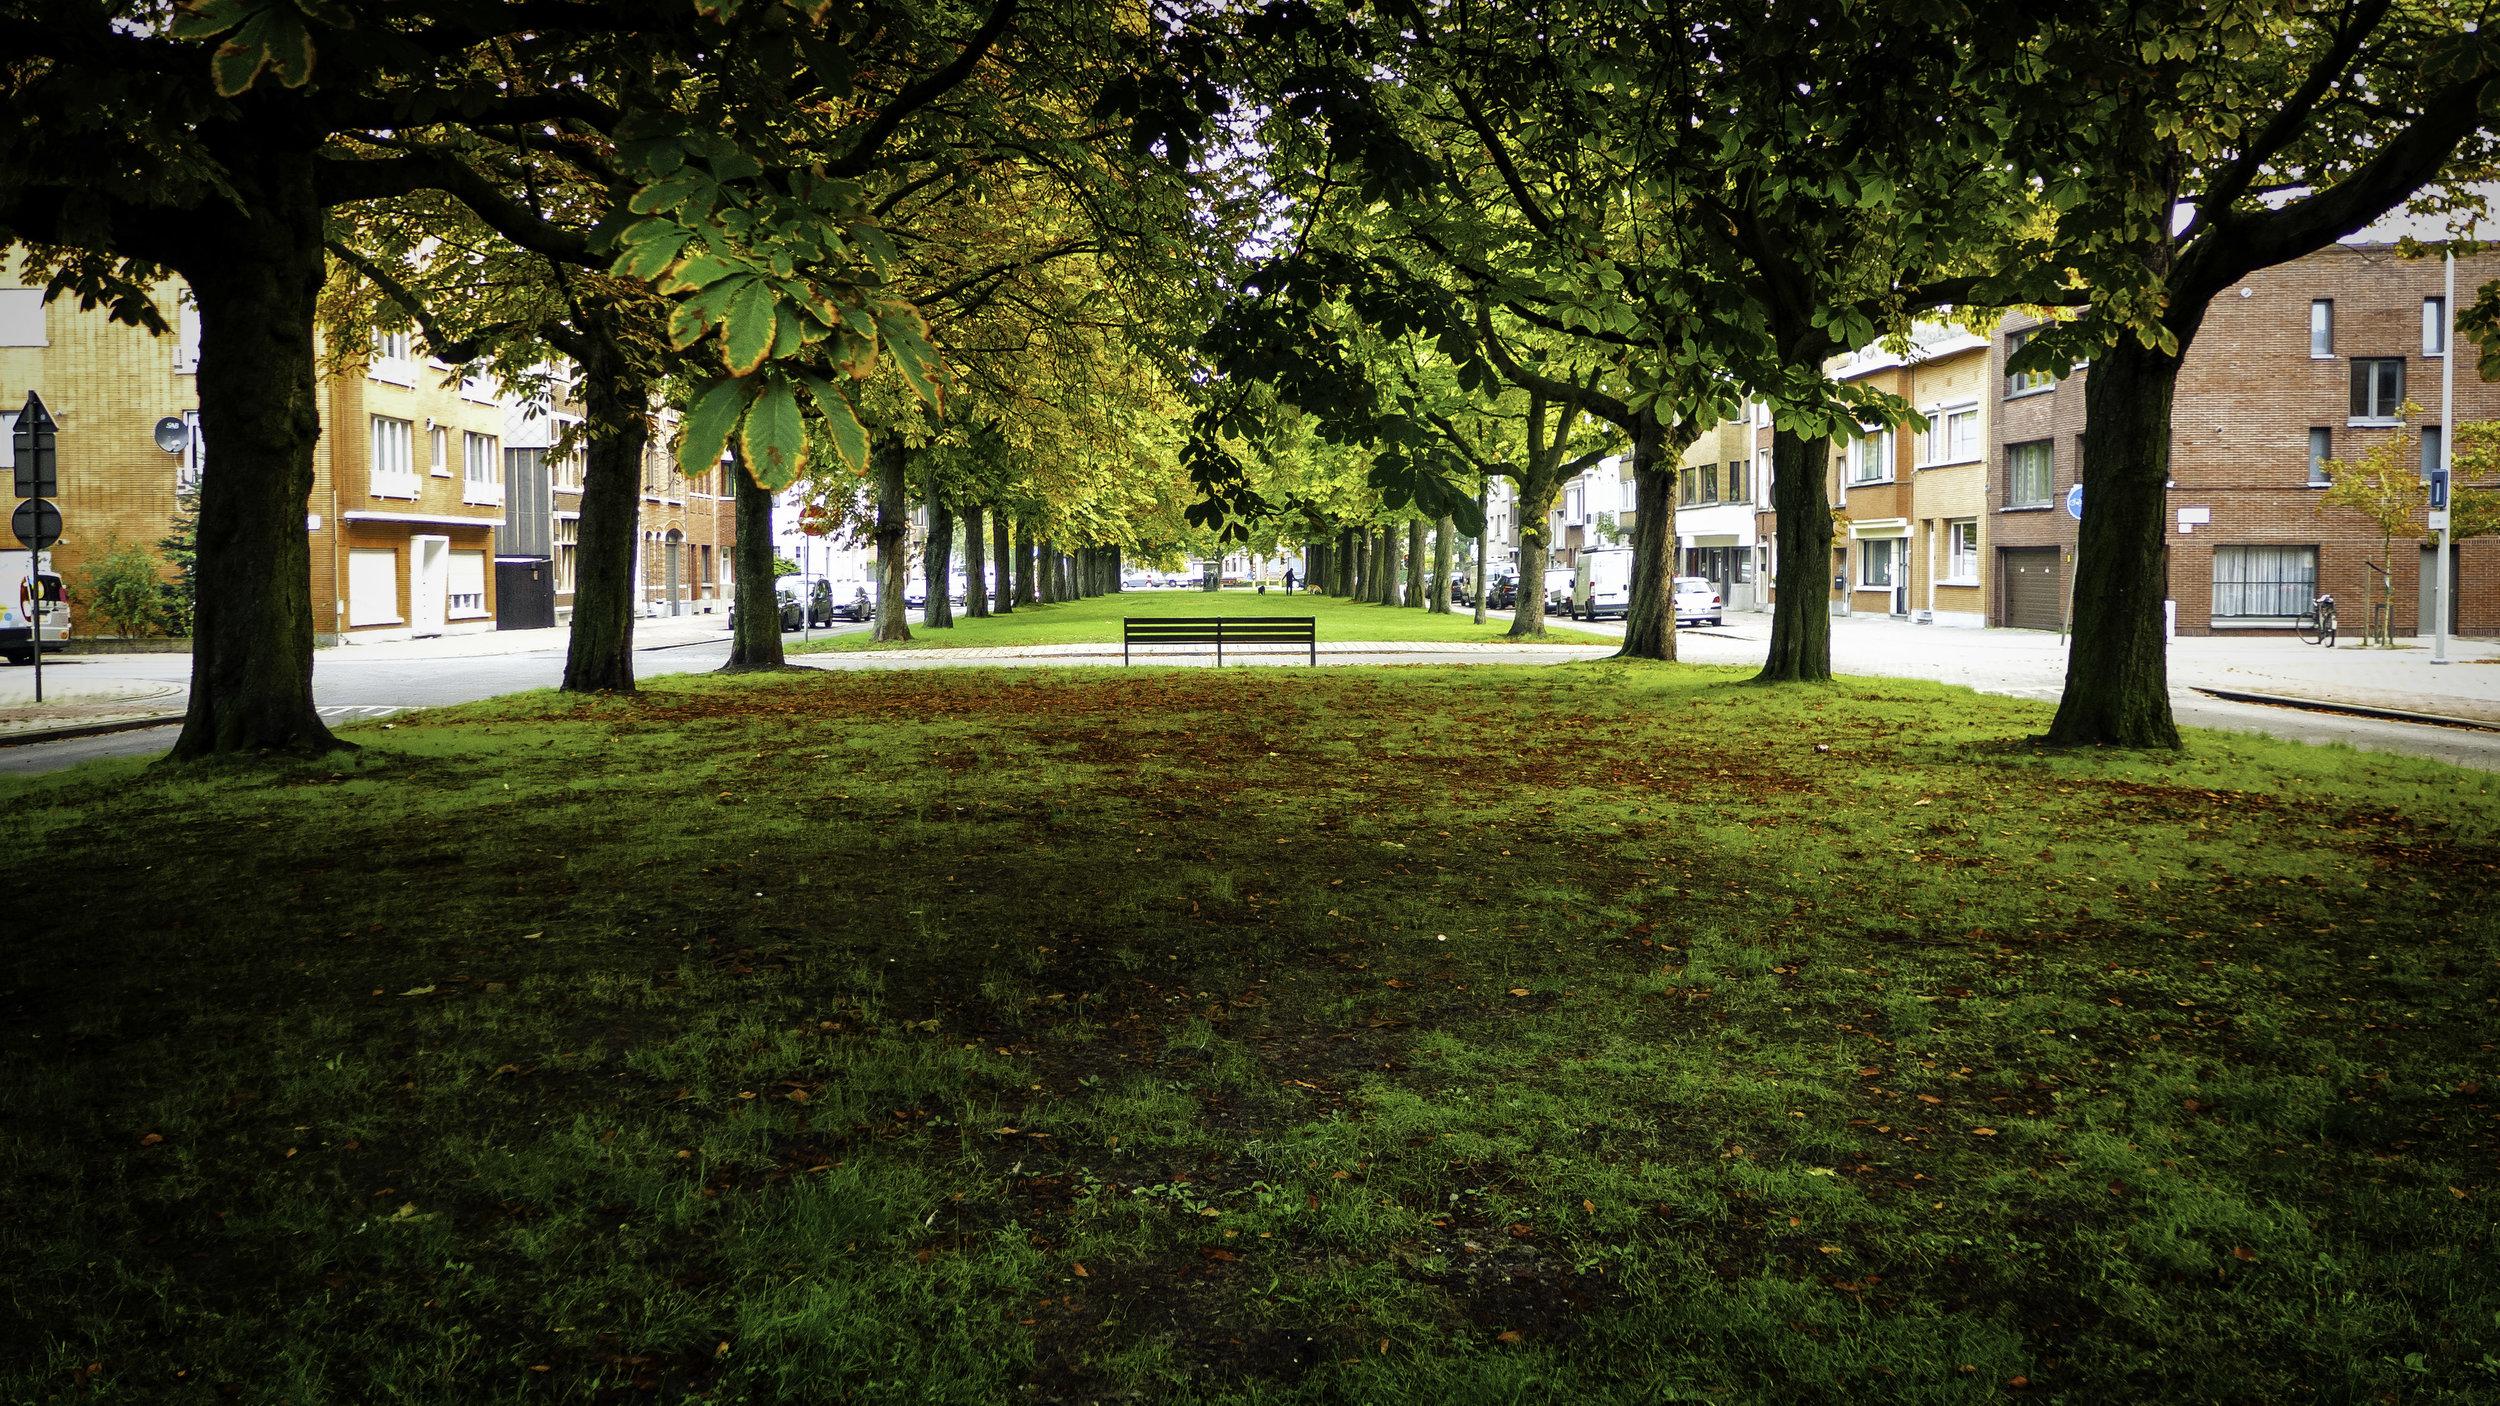 viewfinder-zomaar-zondag-start-herfst-fotografie-kleuren